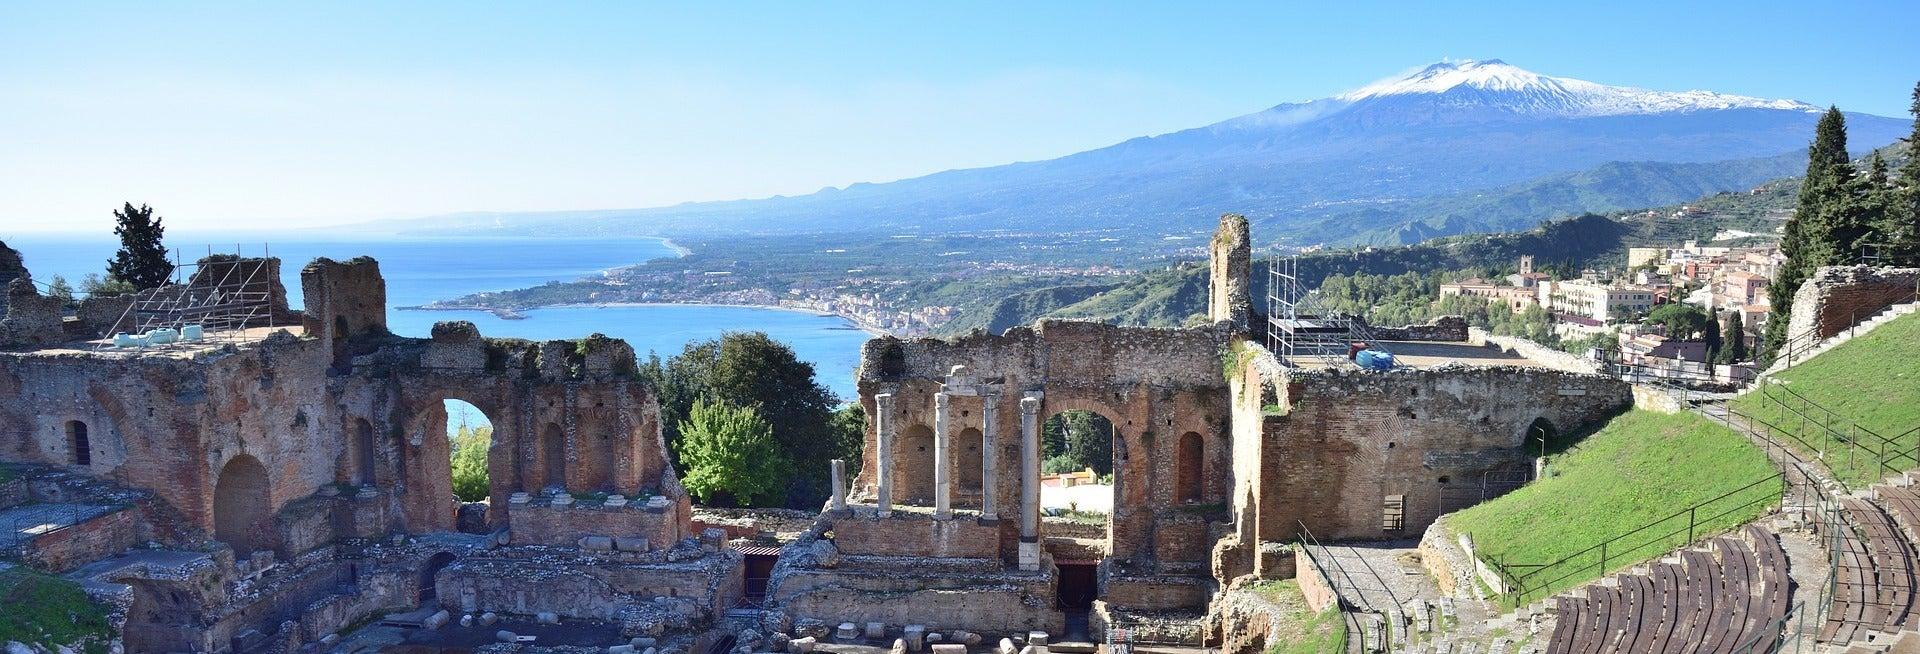 Escursione a Palermo e Monreale